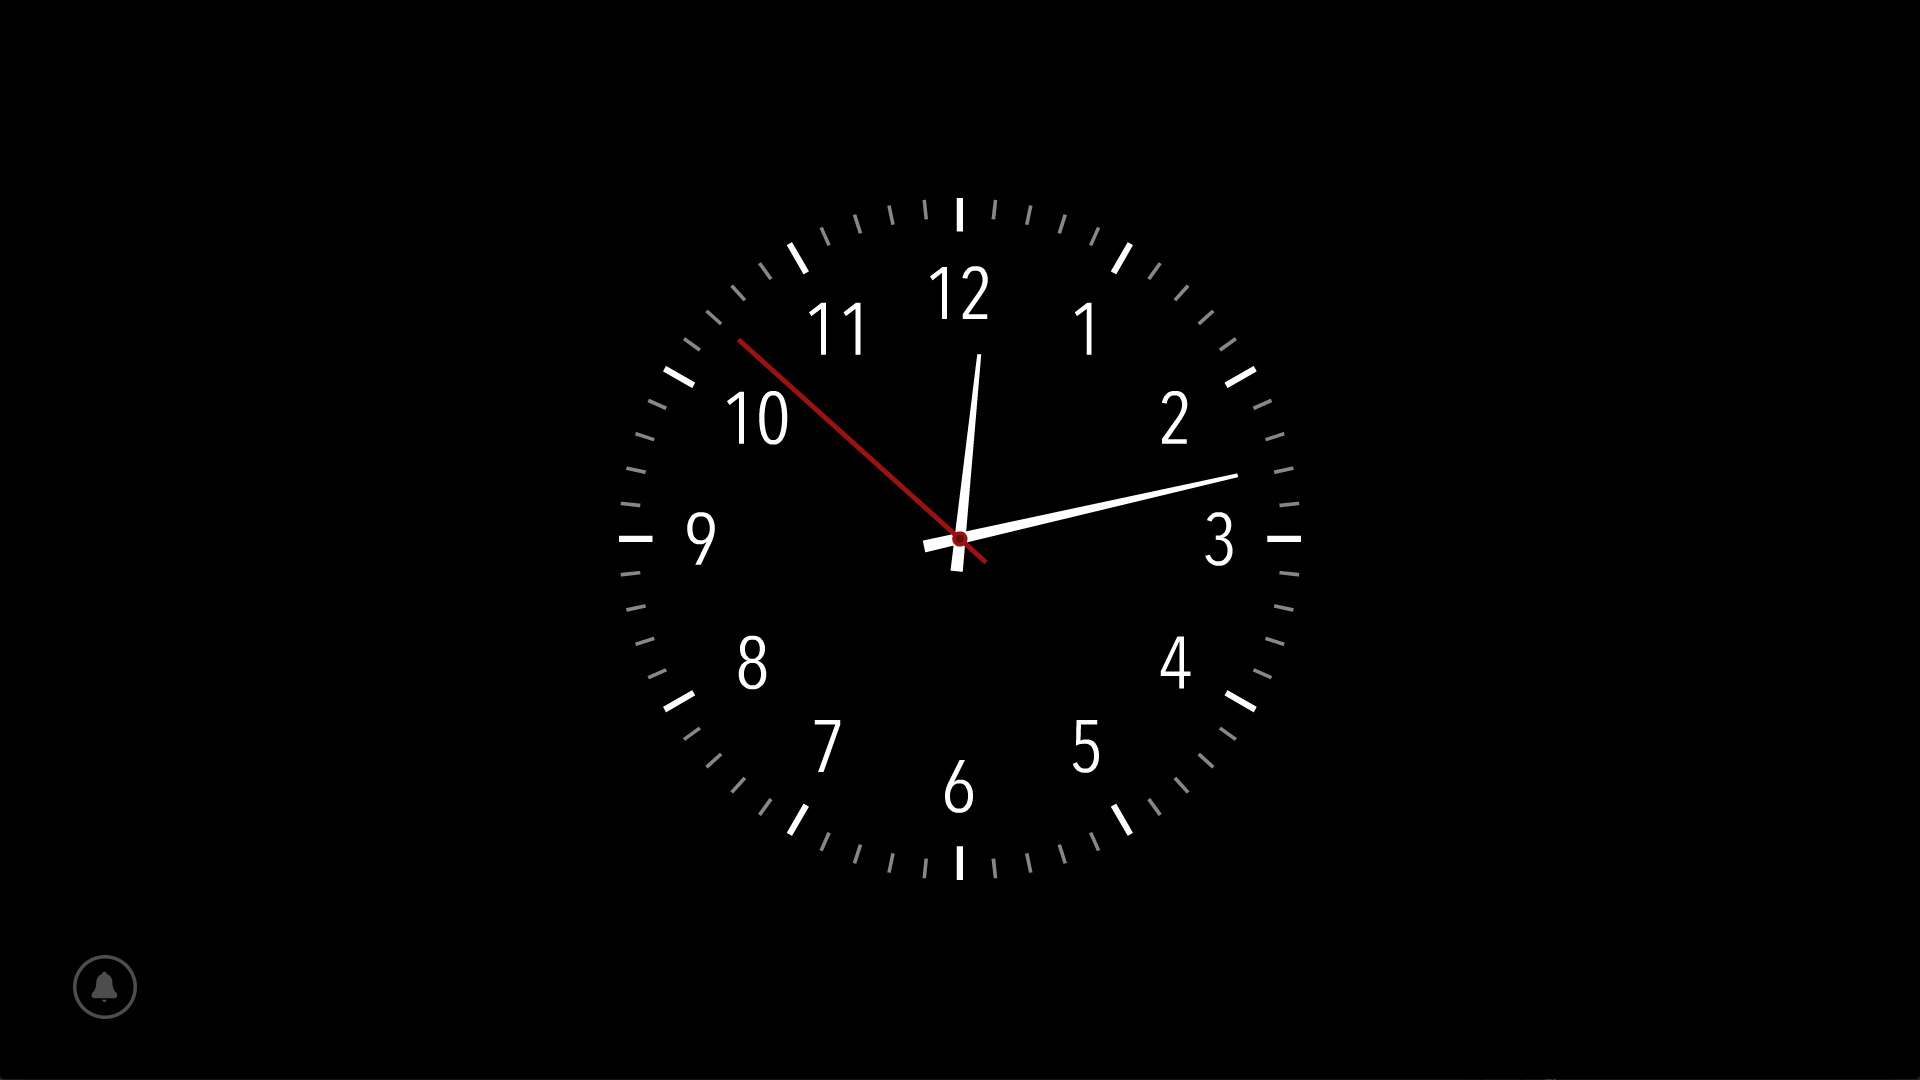 clock screensaver apk download